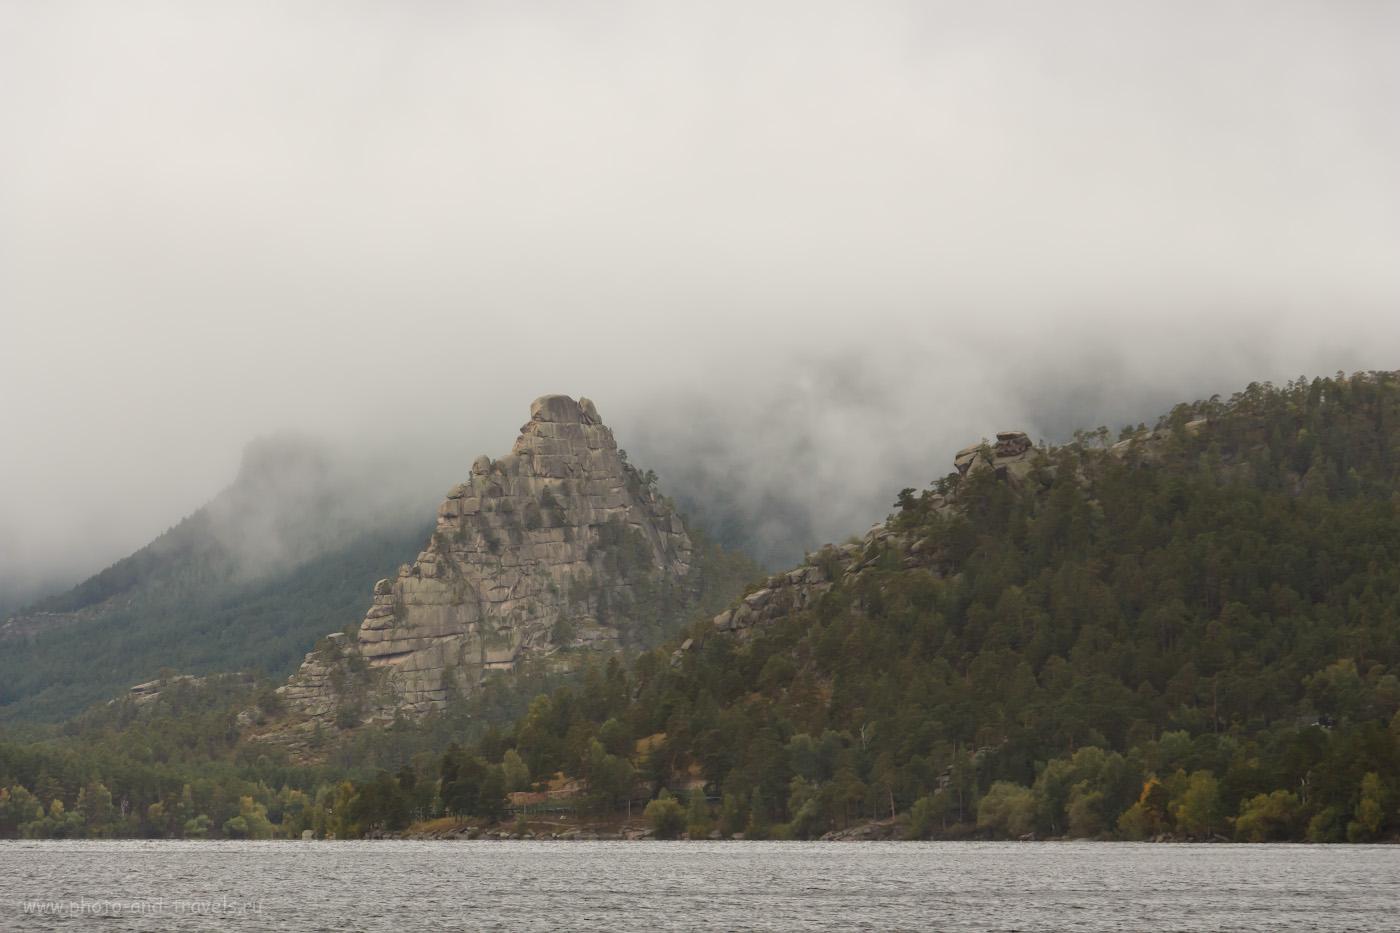 Фотография 3. Вид на скалу Окжетпес. Горы скрыты под низкими облаками. Погода в Бурабае в сентябре. Отчет о поездке в Казахстан на автомобиле. Камера Canon EOS 650D Kit 18-135mm f/3.5-5.6 IS. Параметры: 1/200, +0.3, 8, 200, 116.